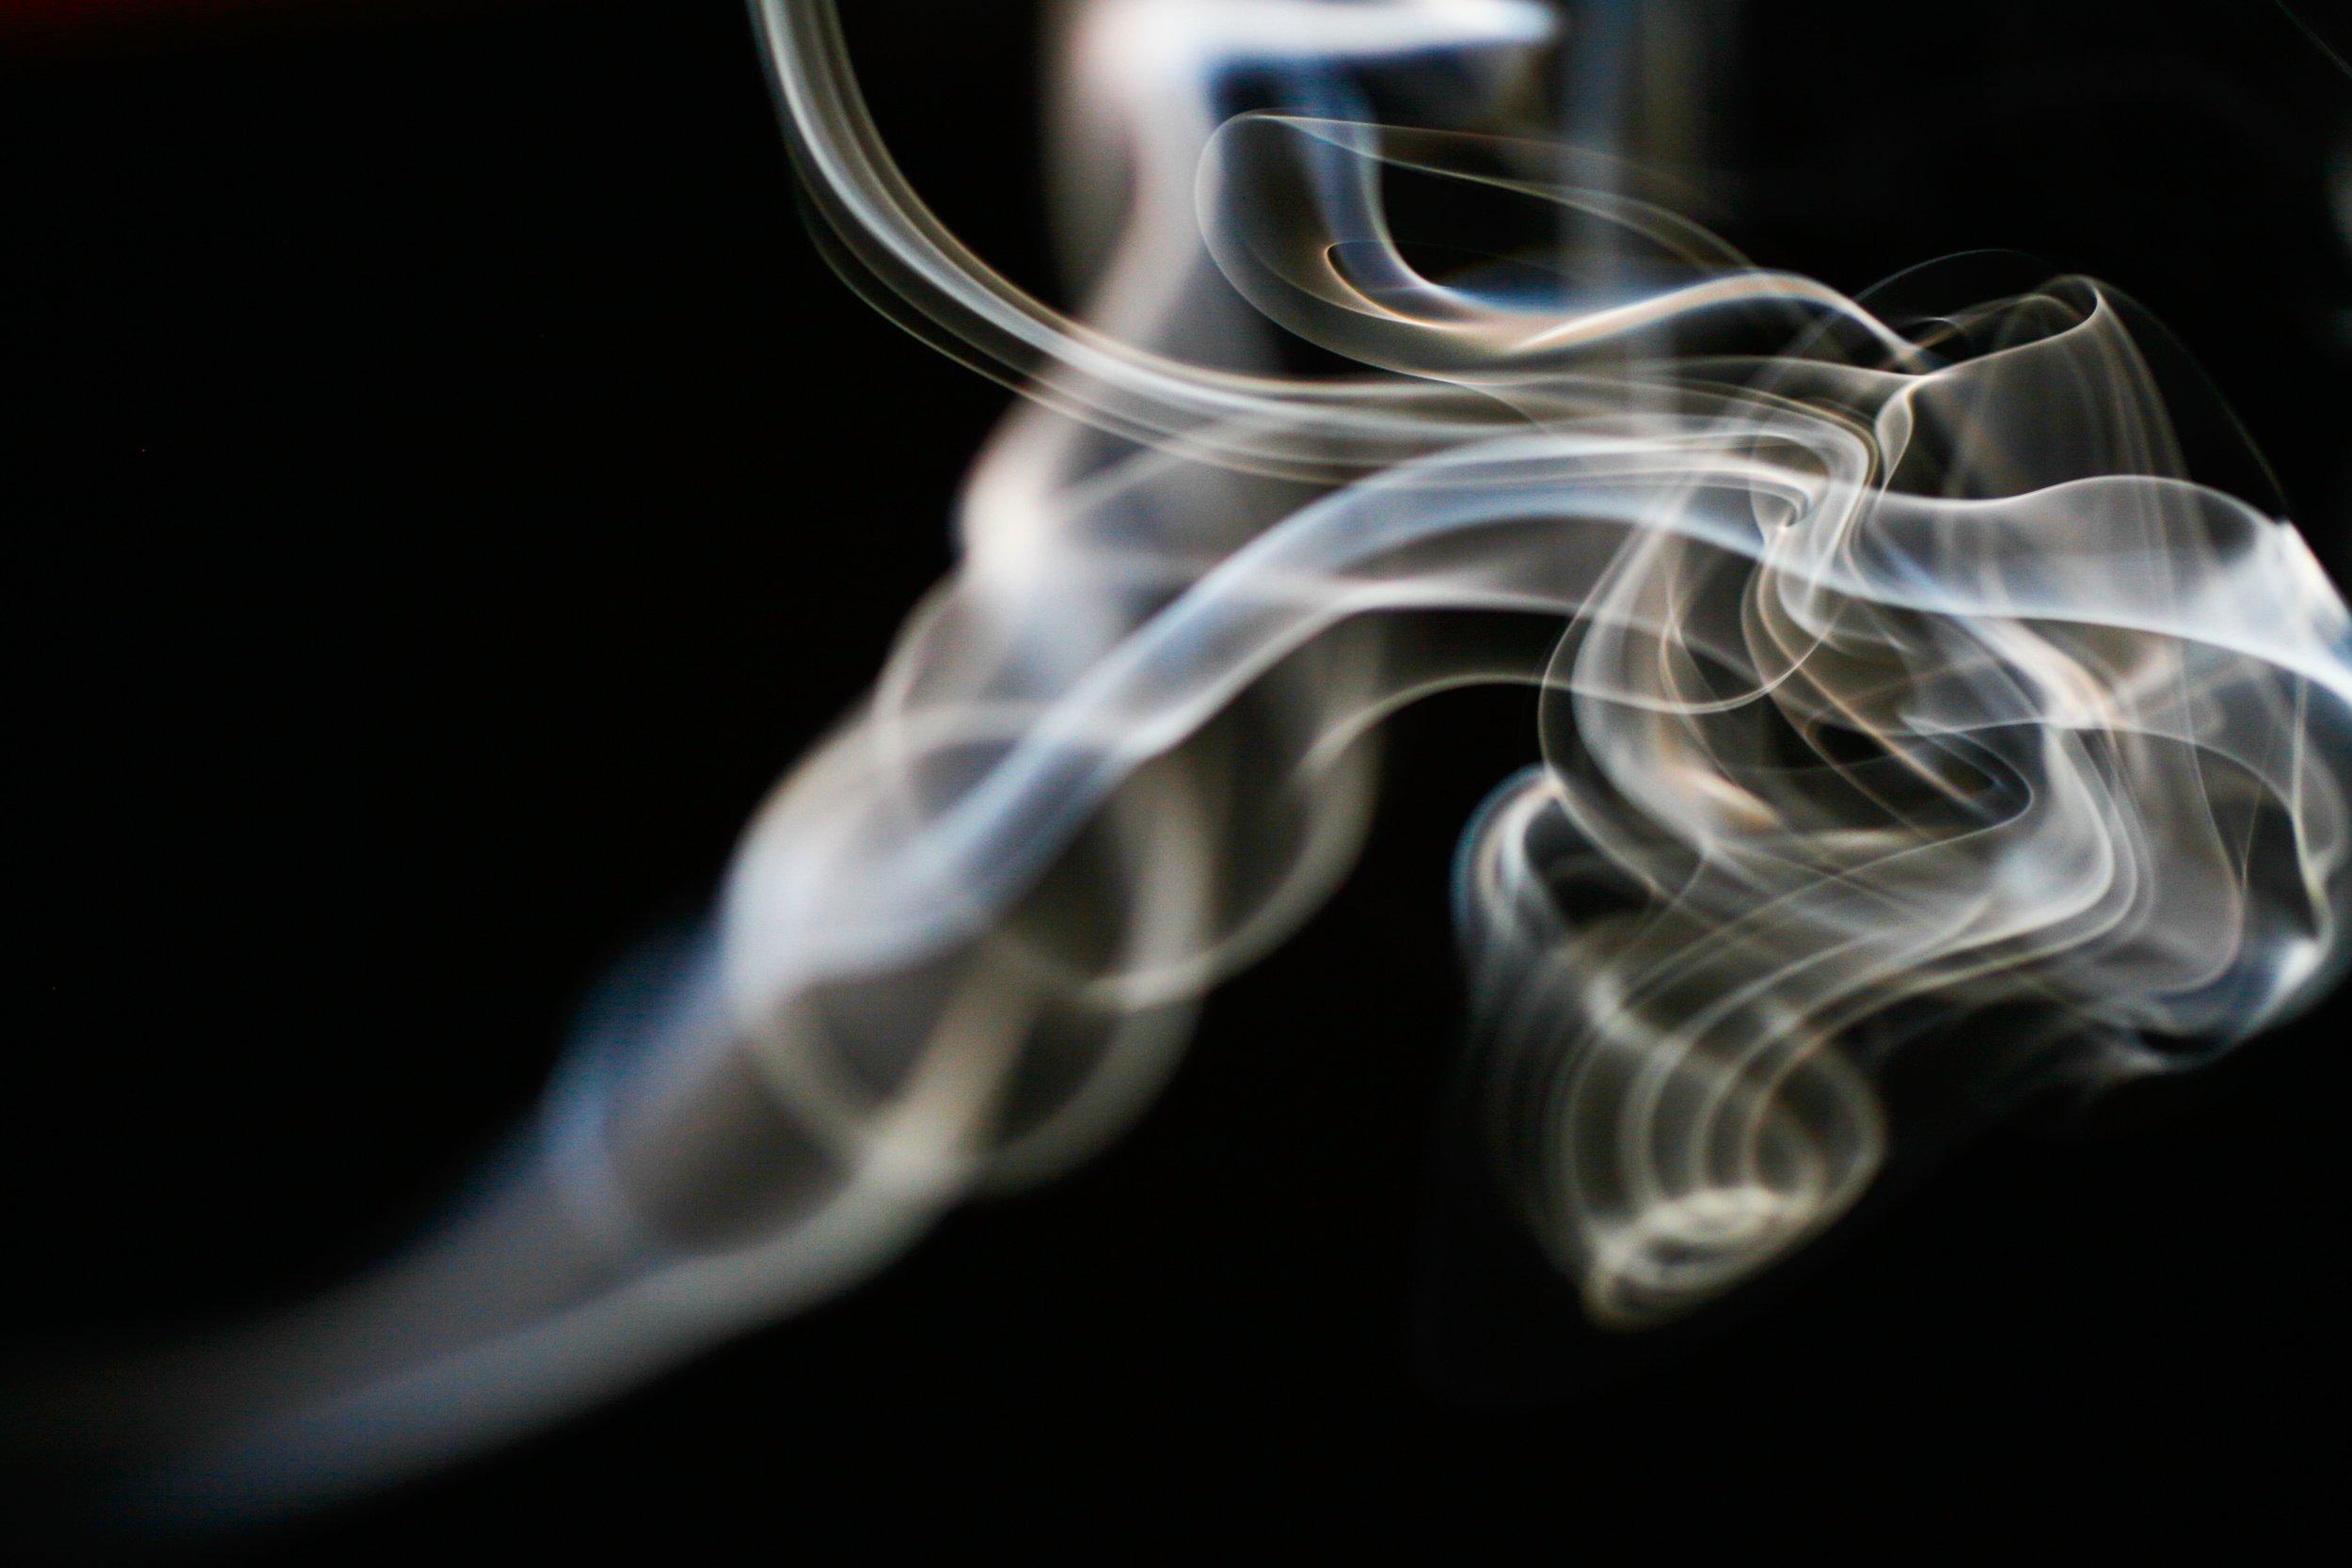 Being smoke free